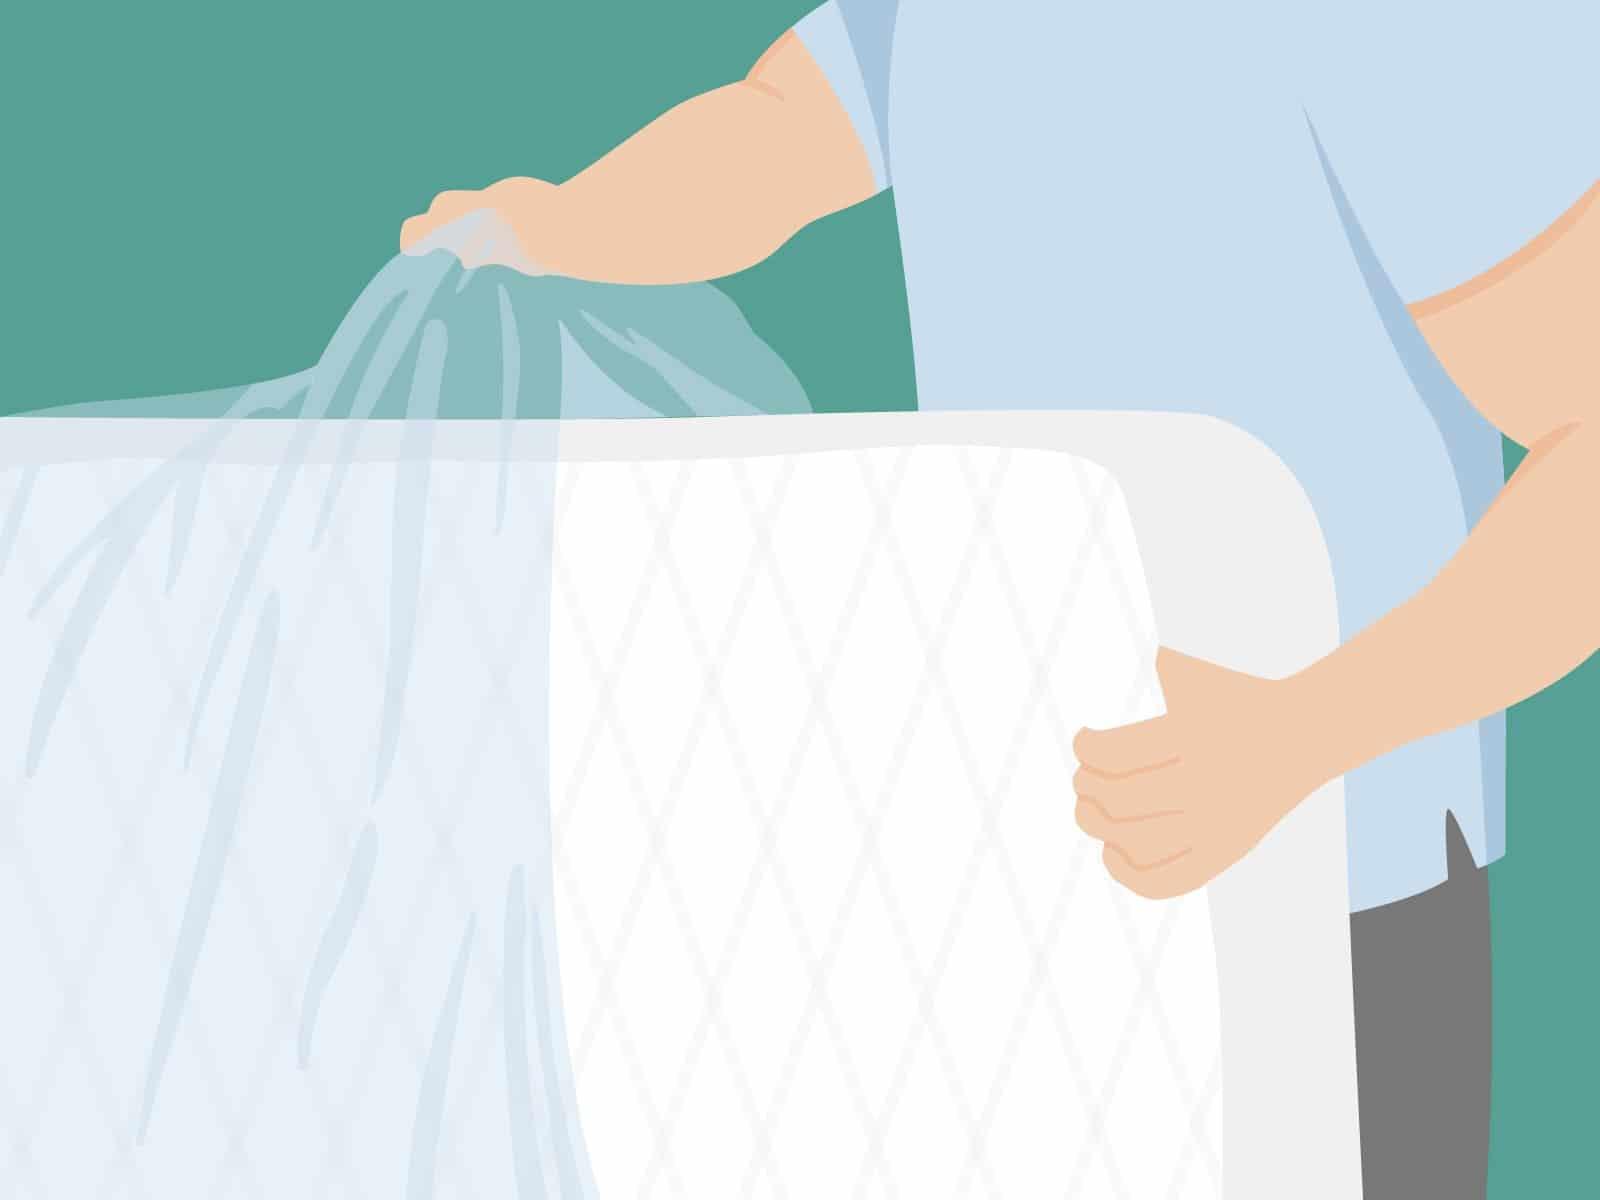 Matratze vakuumieren: Durch das Vakuumieren wird die Matratze vor Schmutz und Feuchtigkeit geschützt.